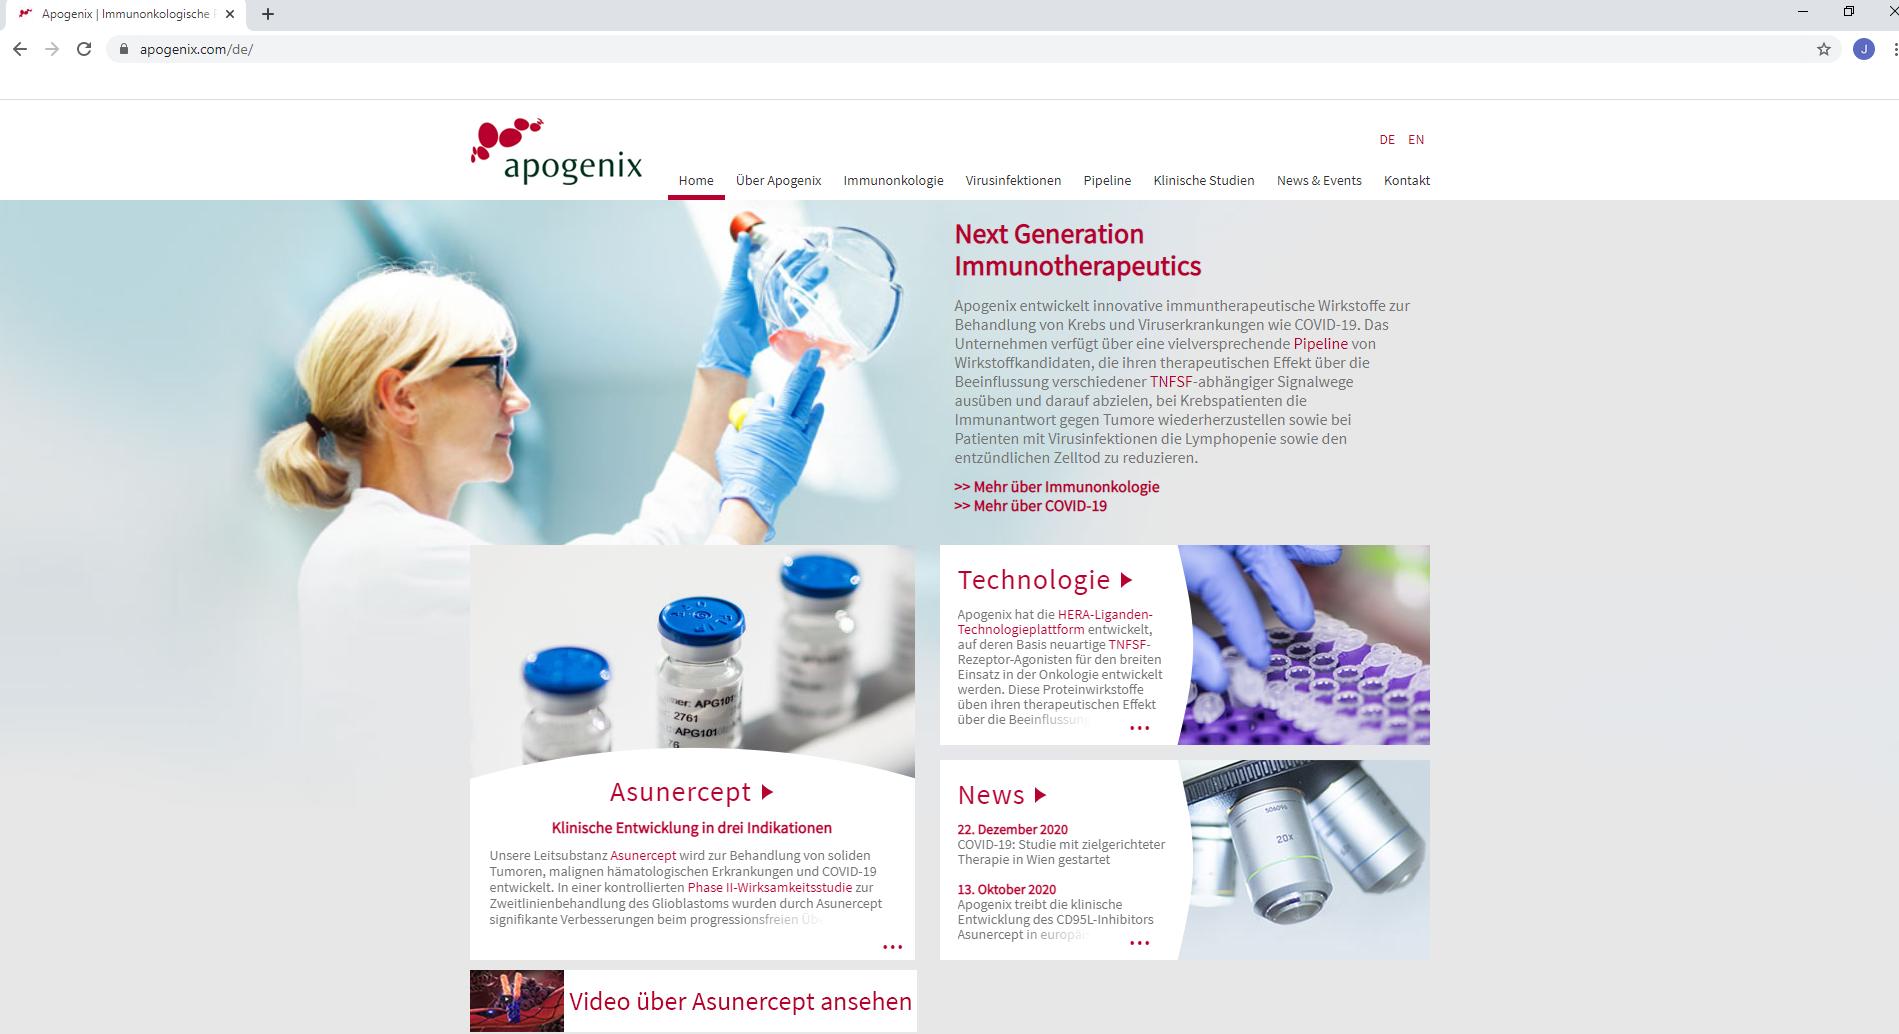 Uni Wien und Apogenix starten COVID-19-Studie mit zielgerichteter Therapie